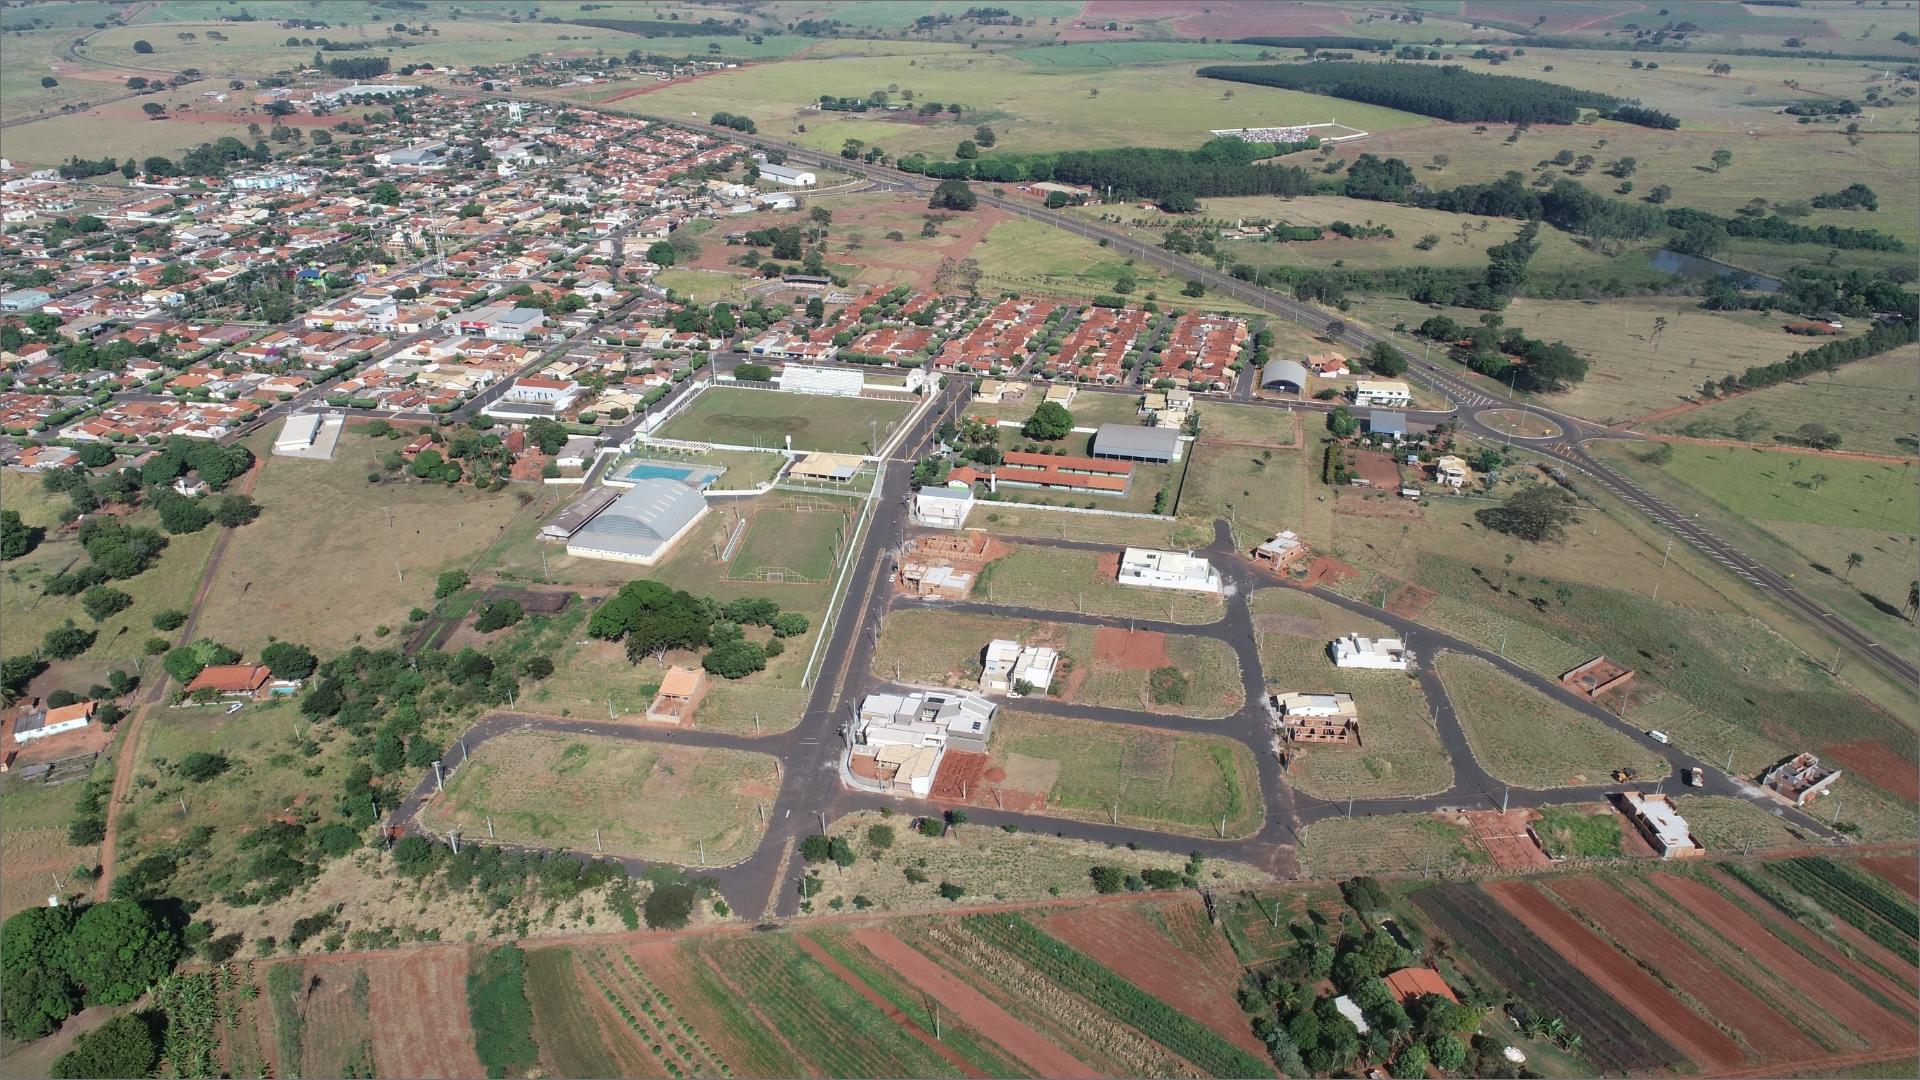 Macedônia São Paulo fonte: www.setpar.com.br